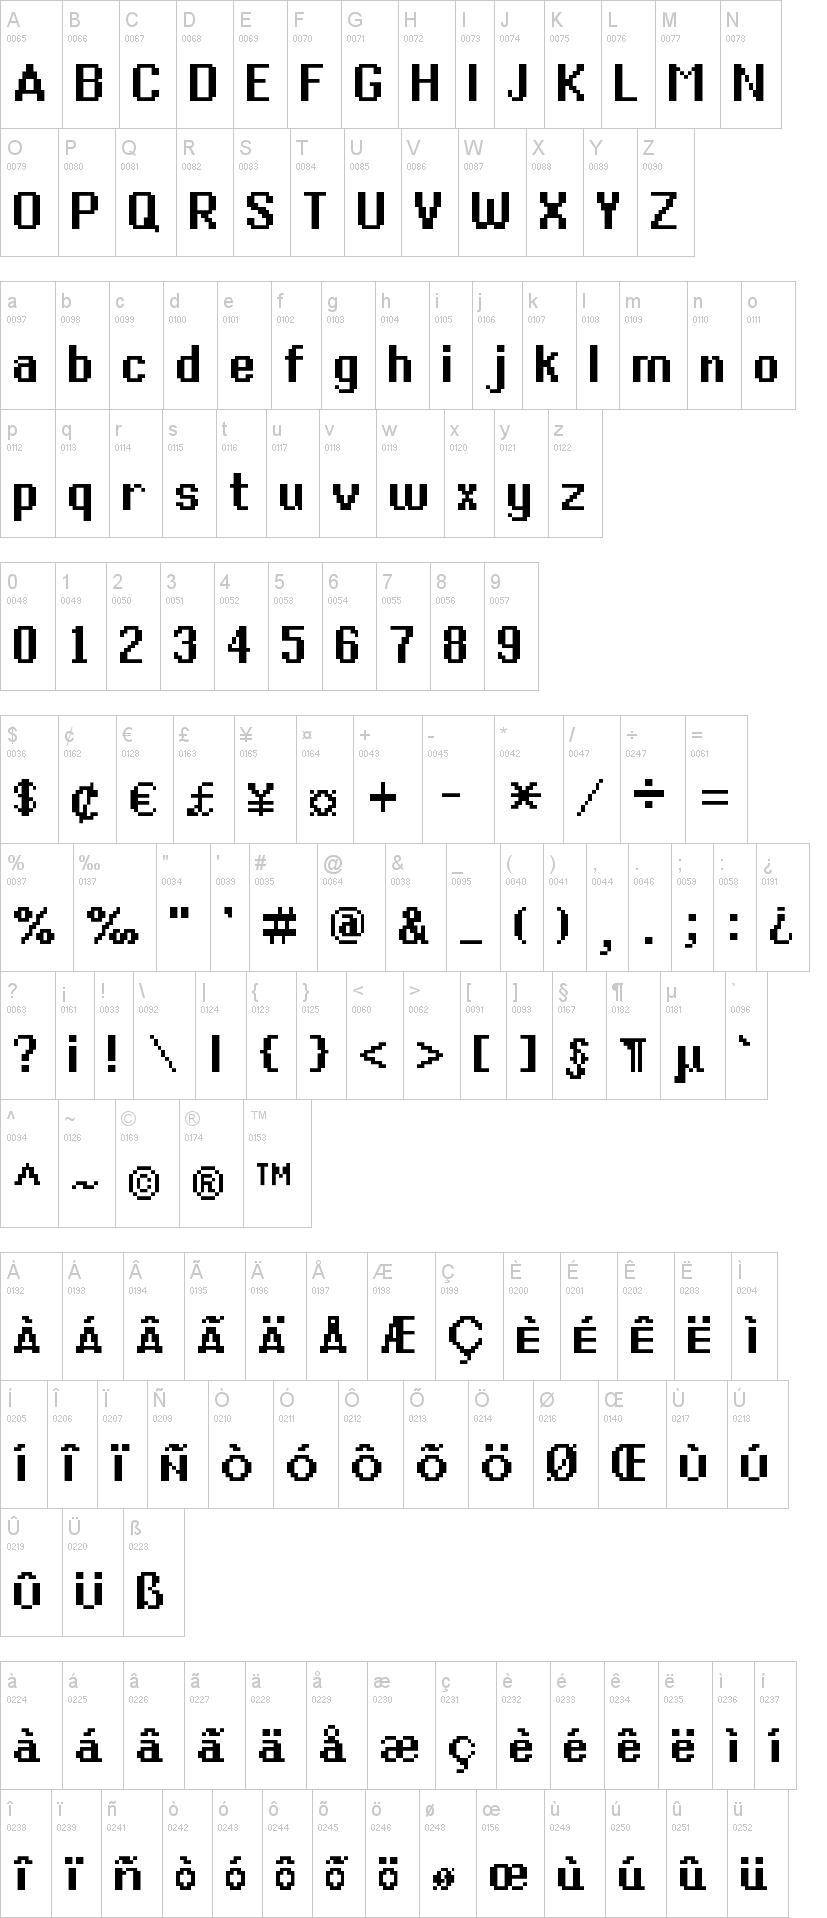 Generic Mobile System Font | dafont com